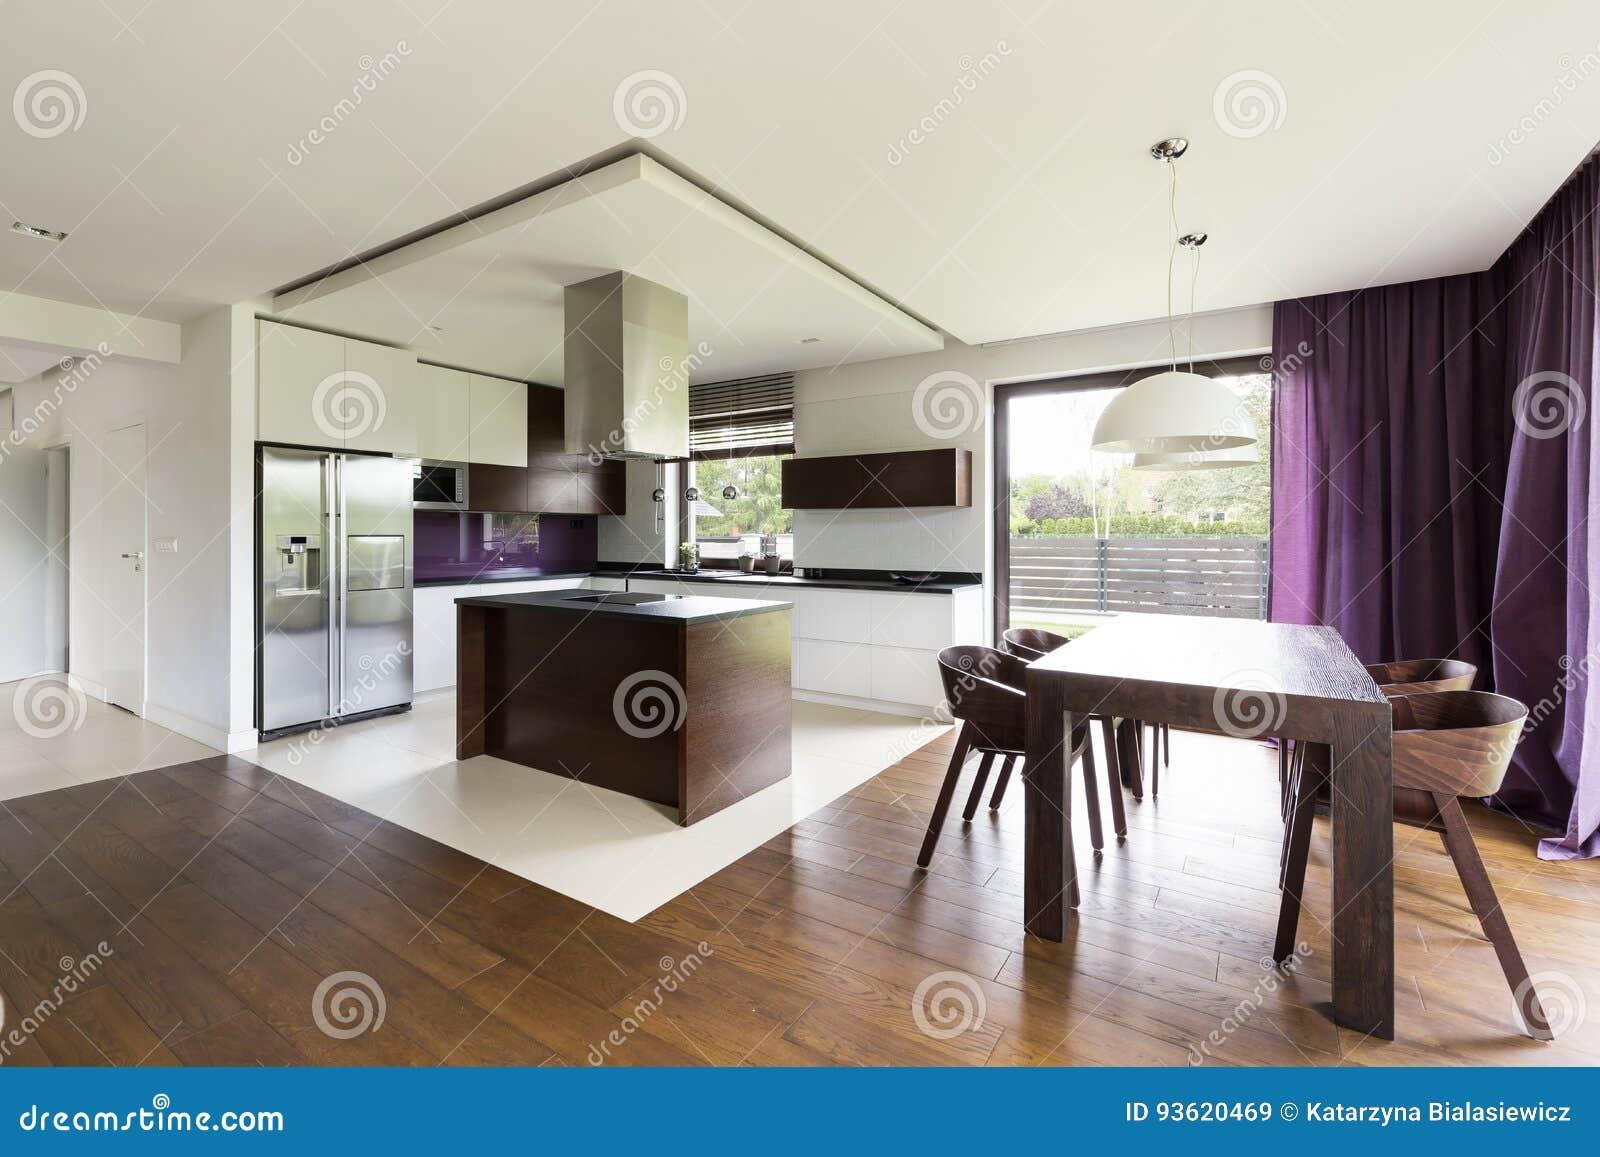 Moderne Offene Küche Mit Holztisch Stockbild - Bild von funktionell ...